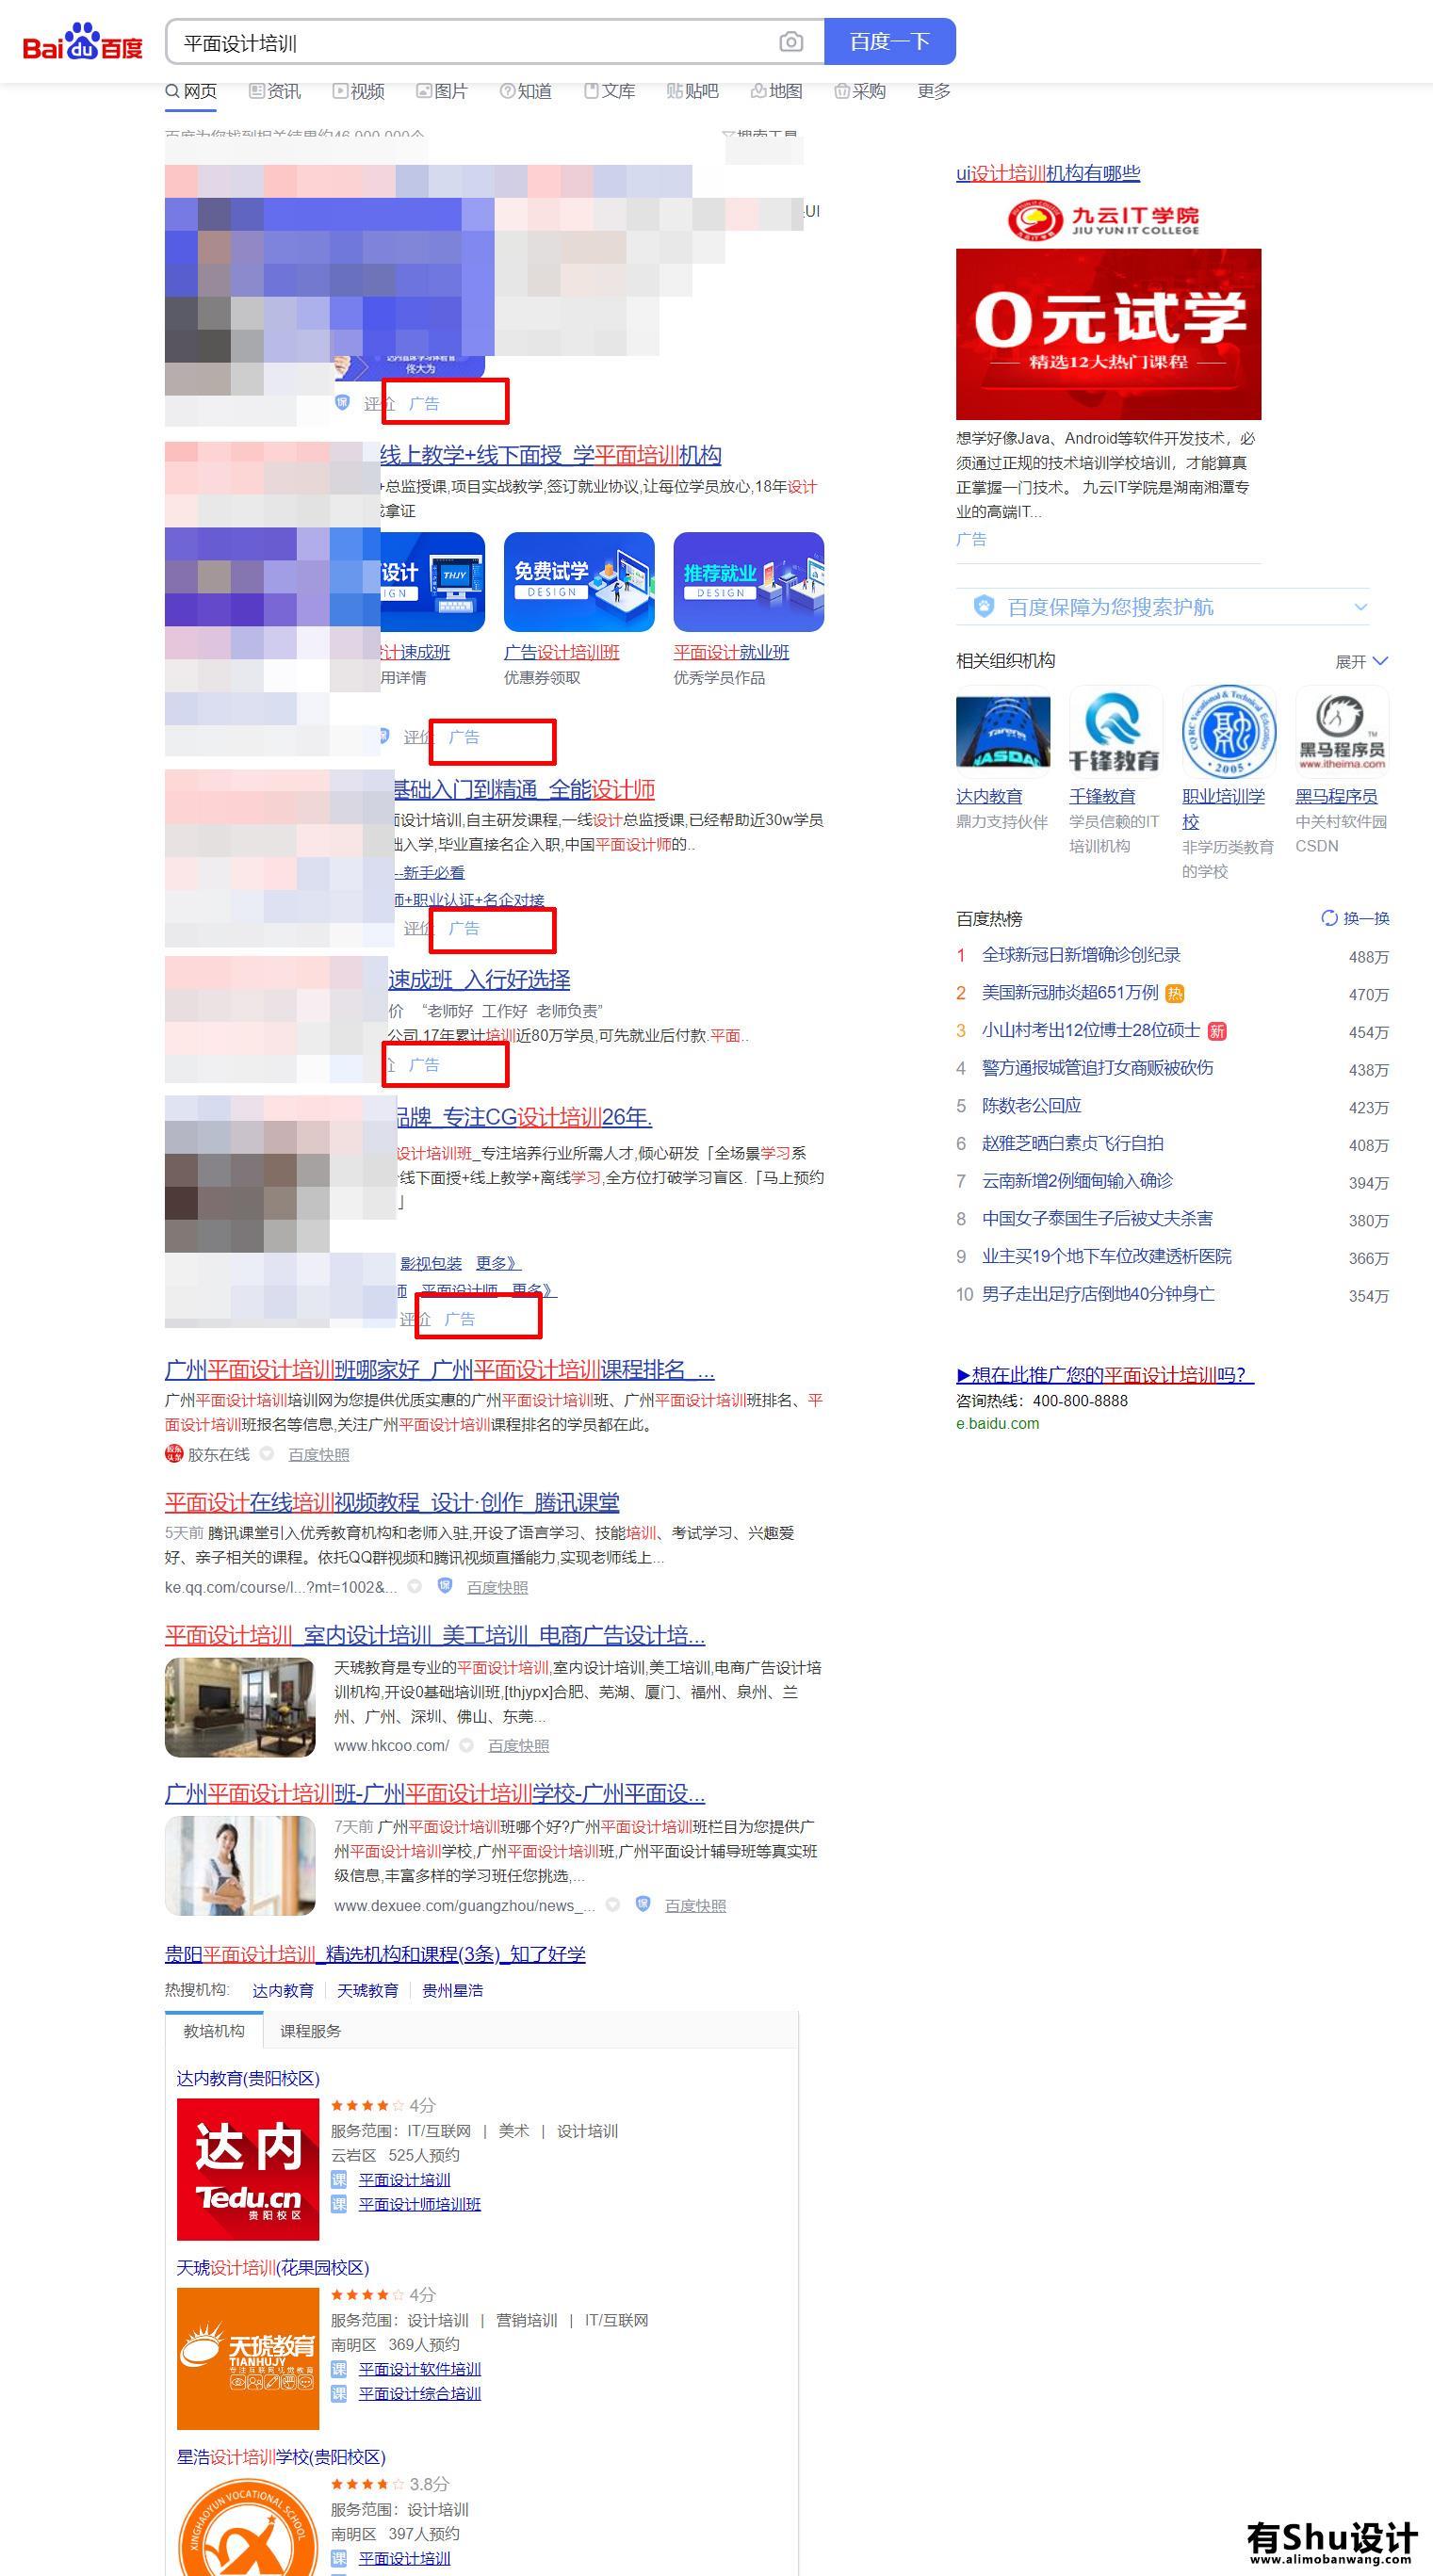 百度搜索平面设计培训,全都是一些培训机构打的广告,都是一些虚假宣传